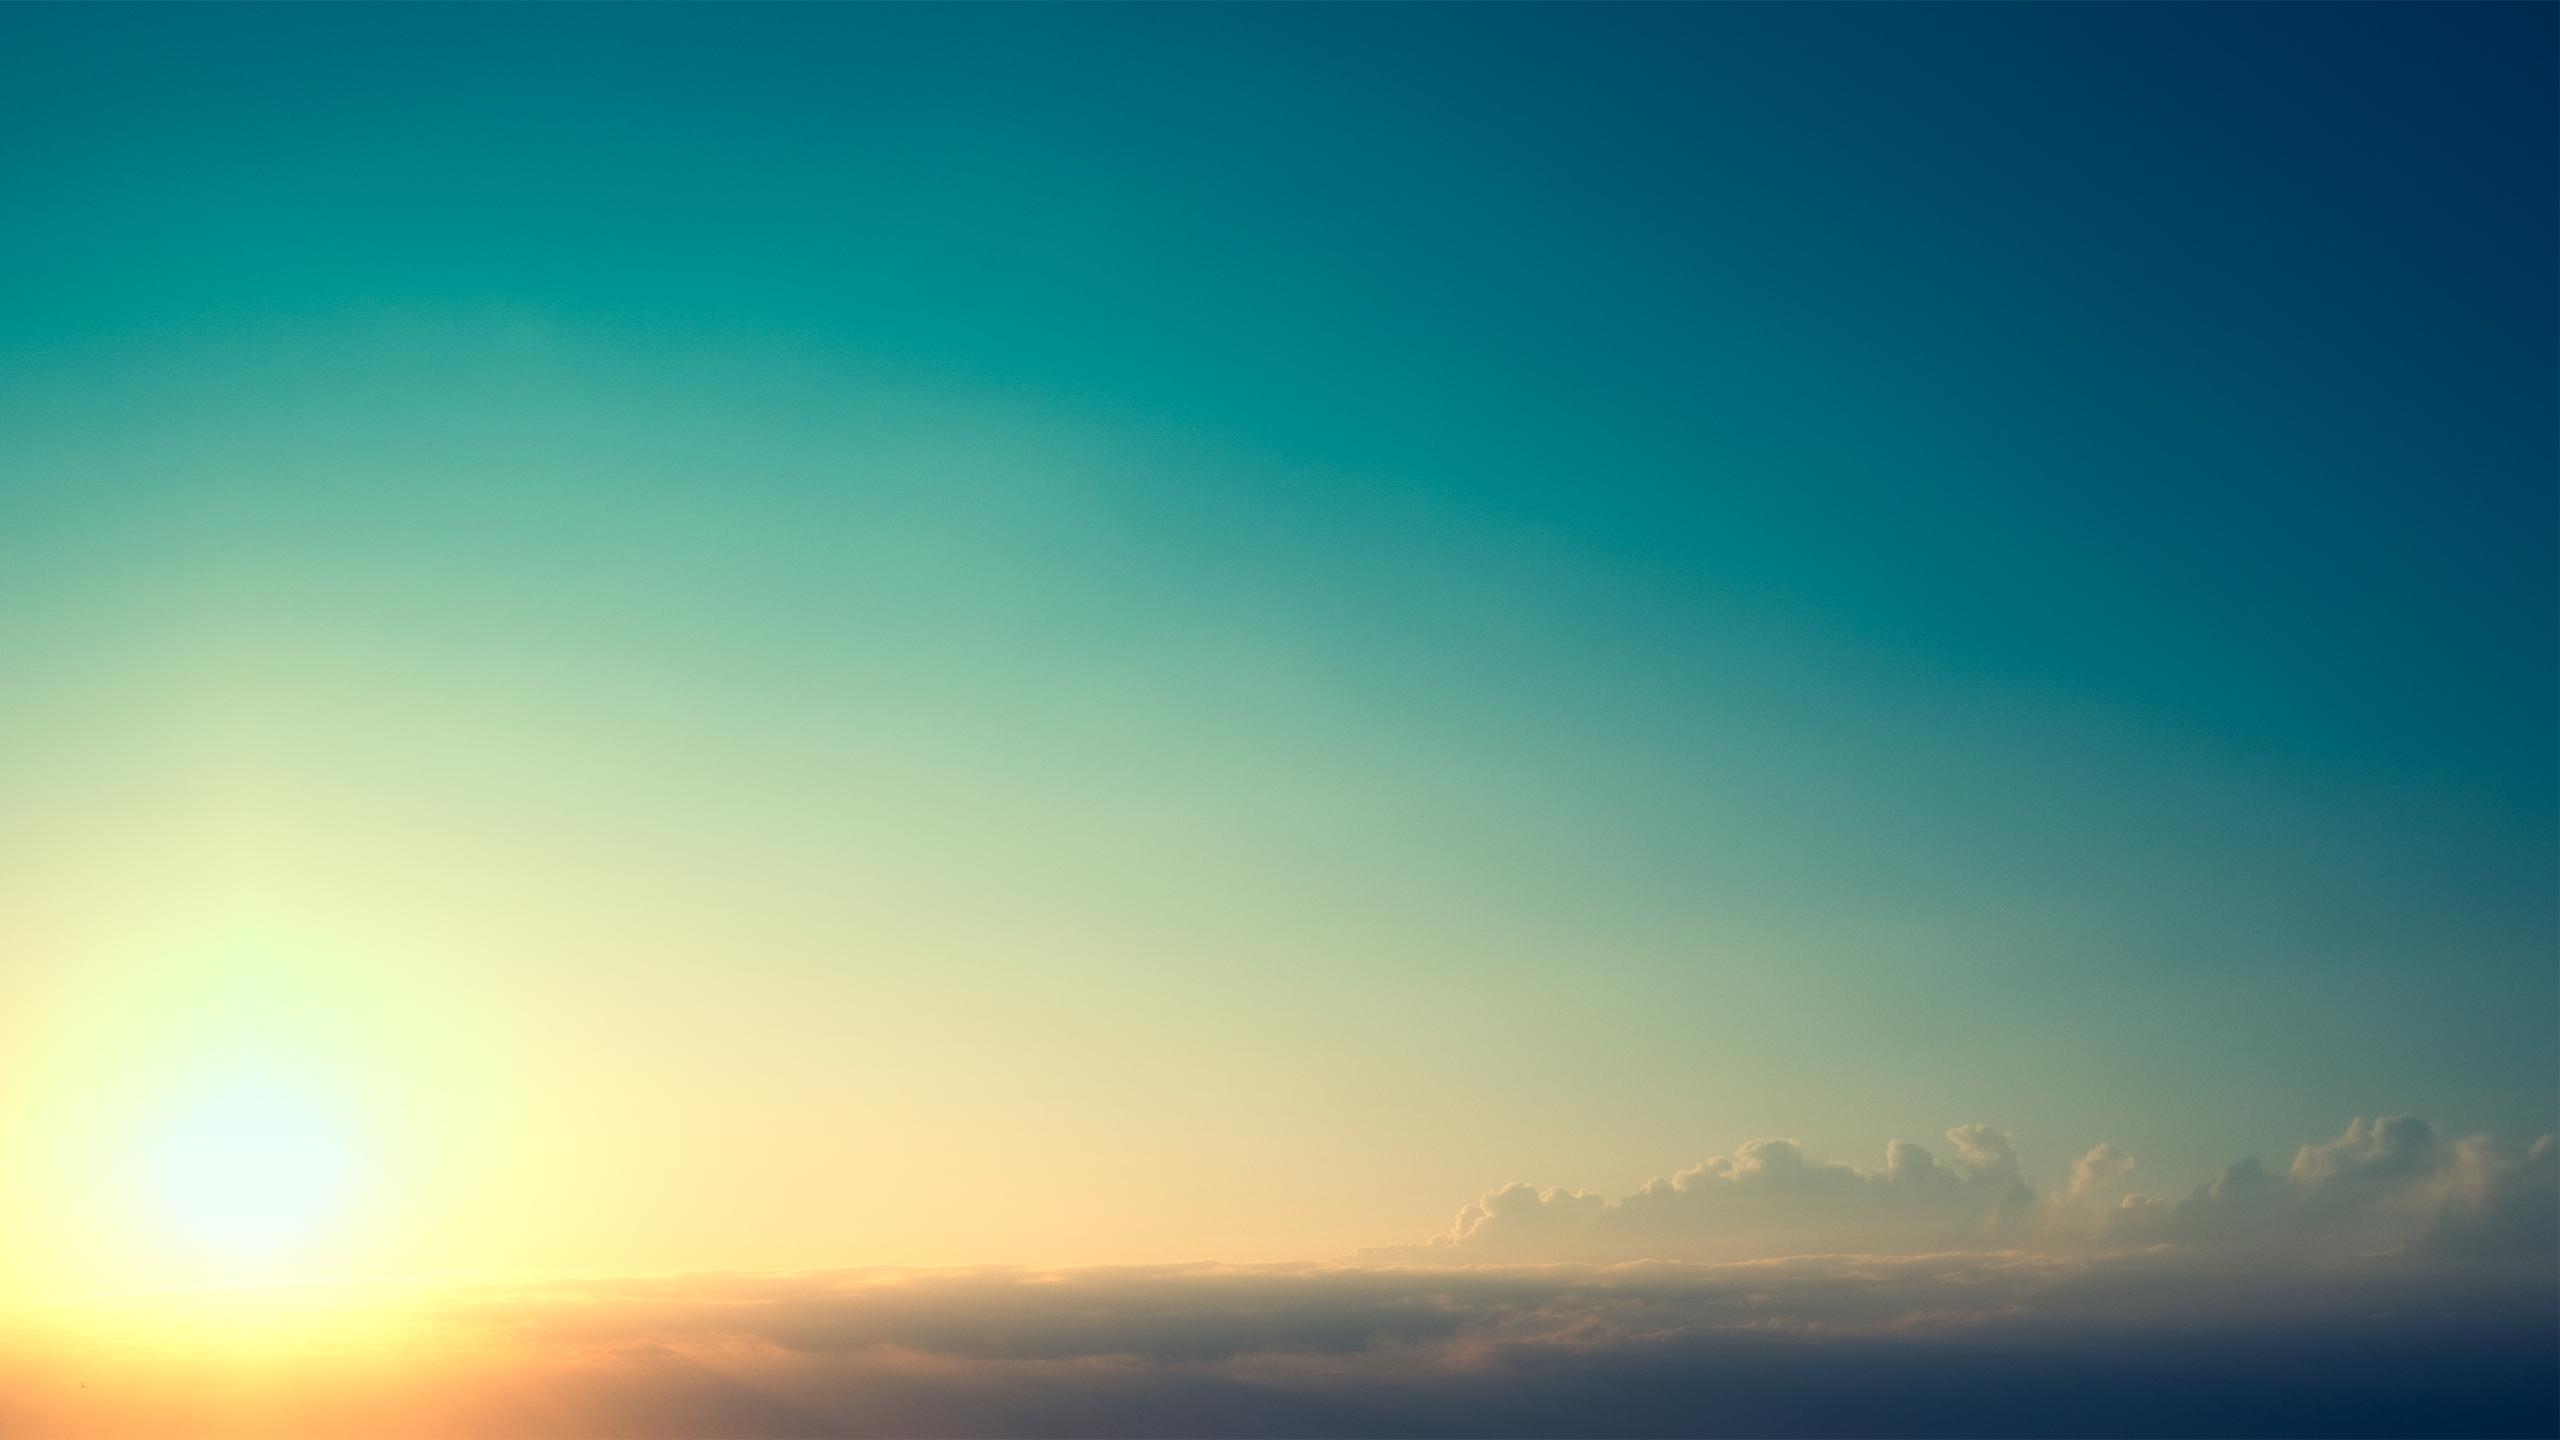 sunlight wallpaper sky